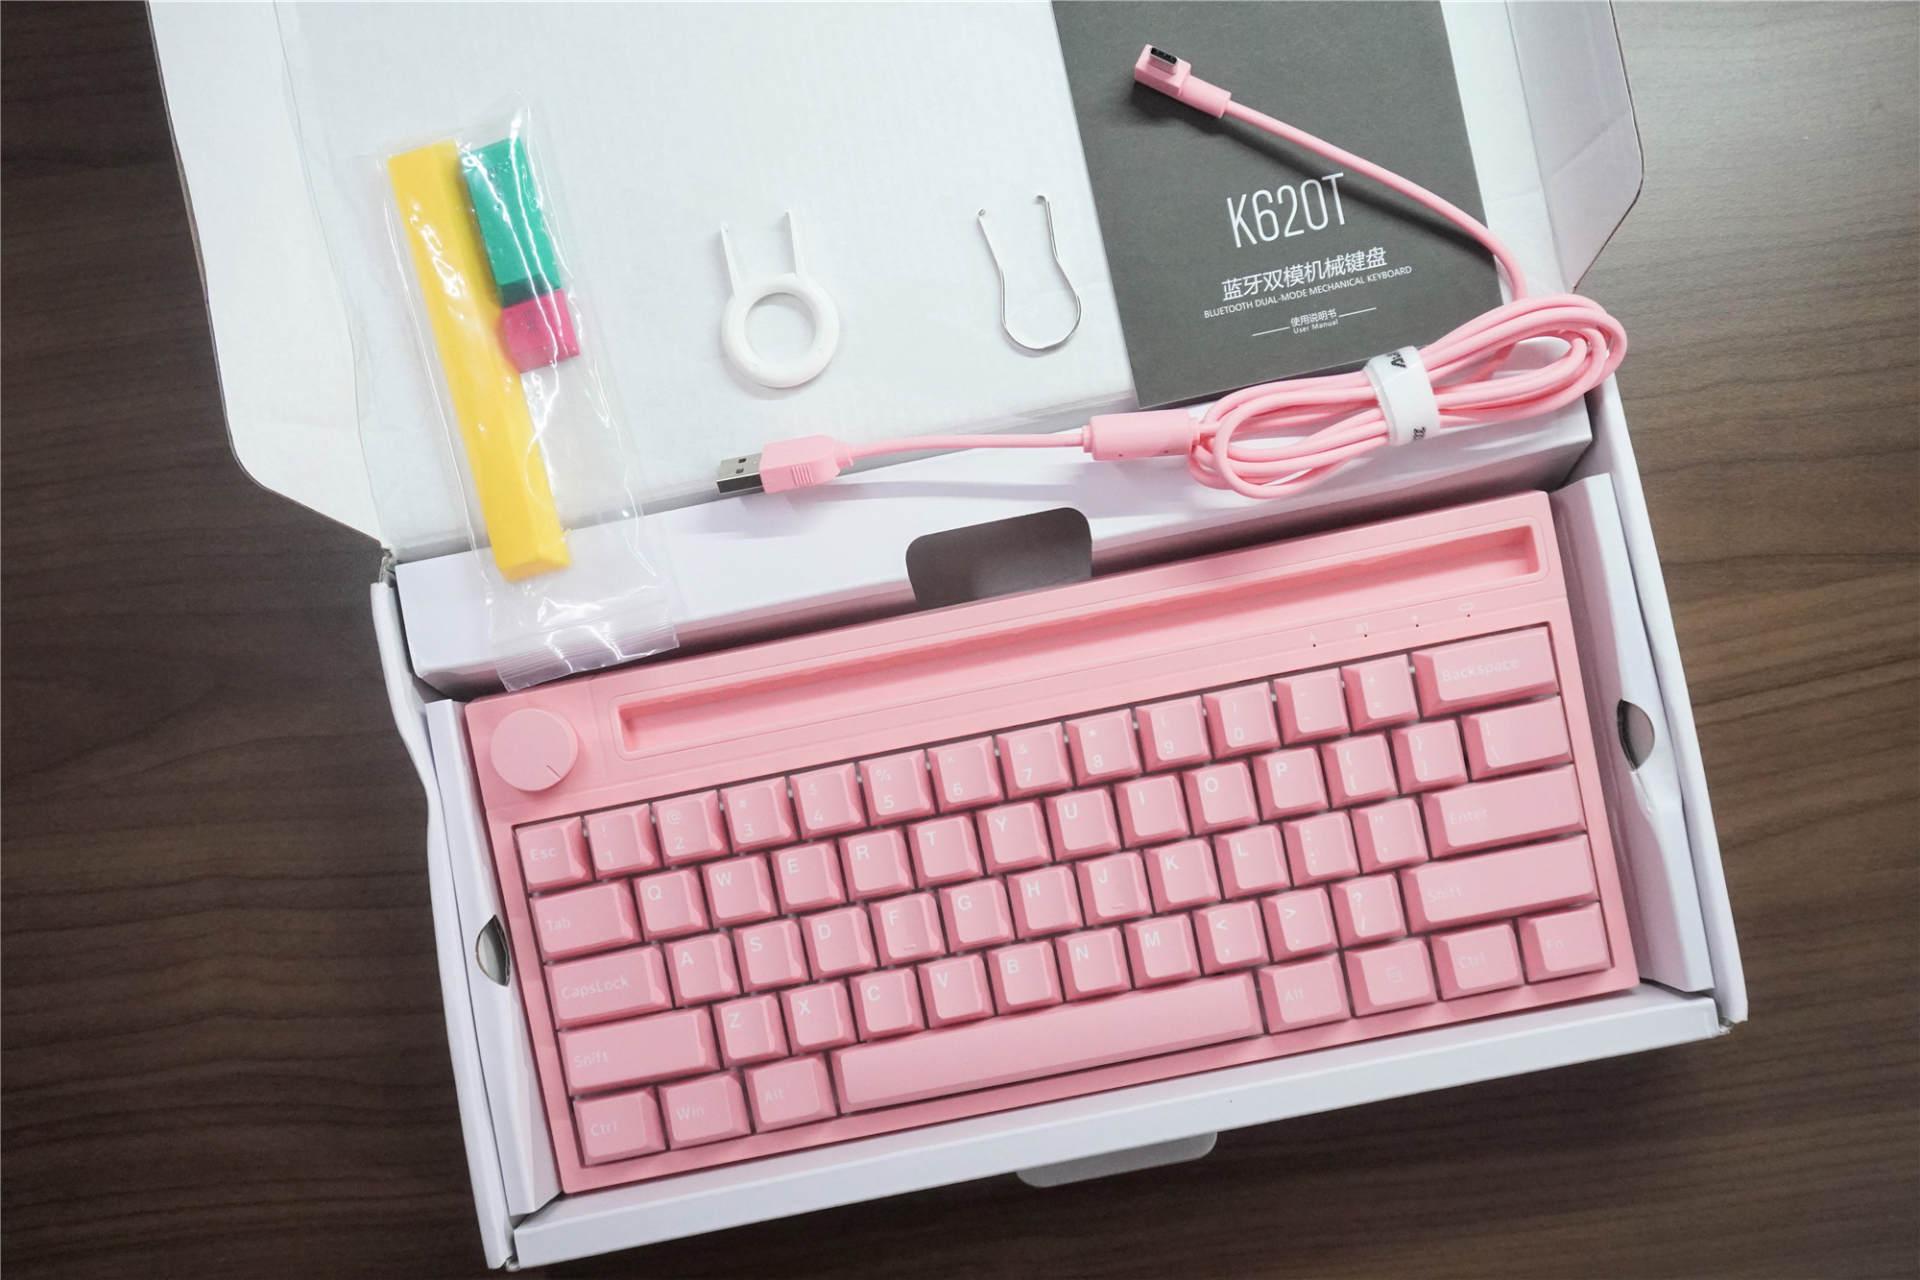 男生不配粉色鍵盤?黑爵新品機械鍵盤開箱體驗:這段落感有點愛